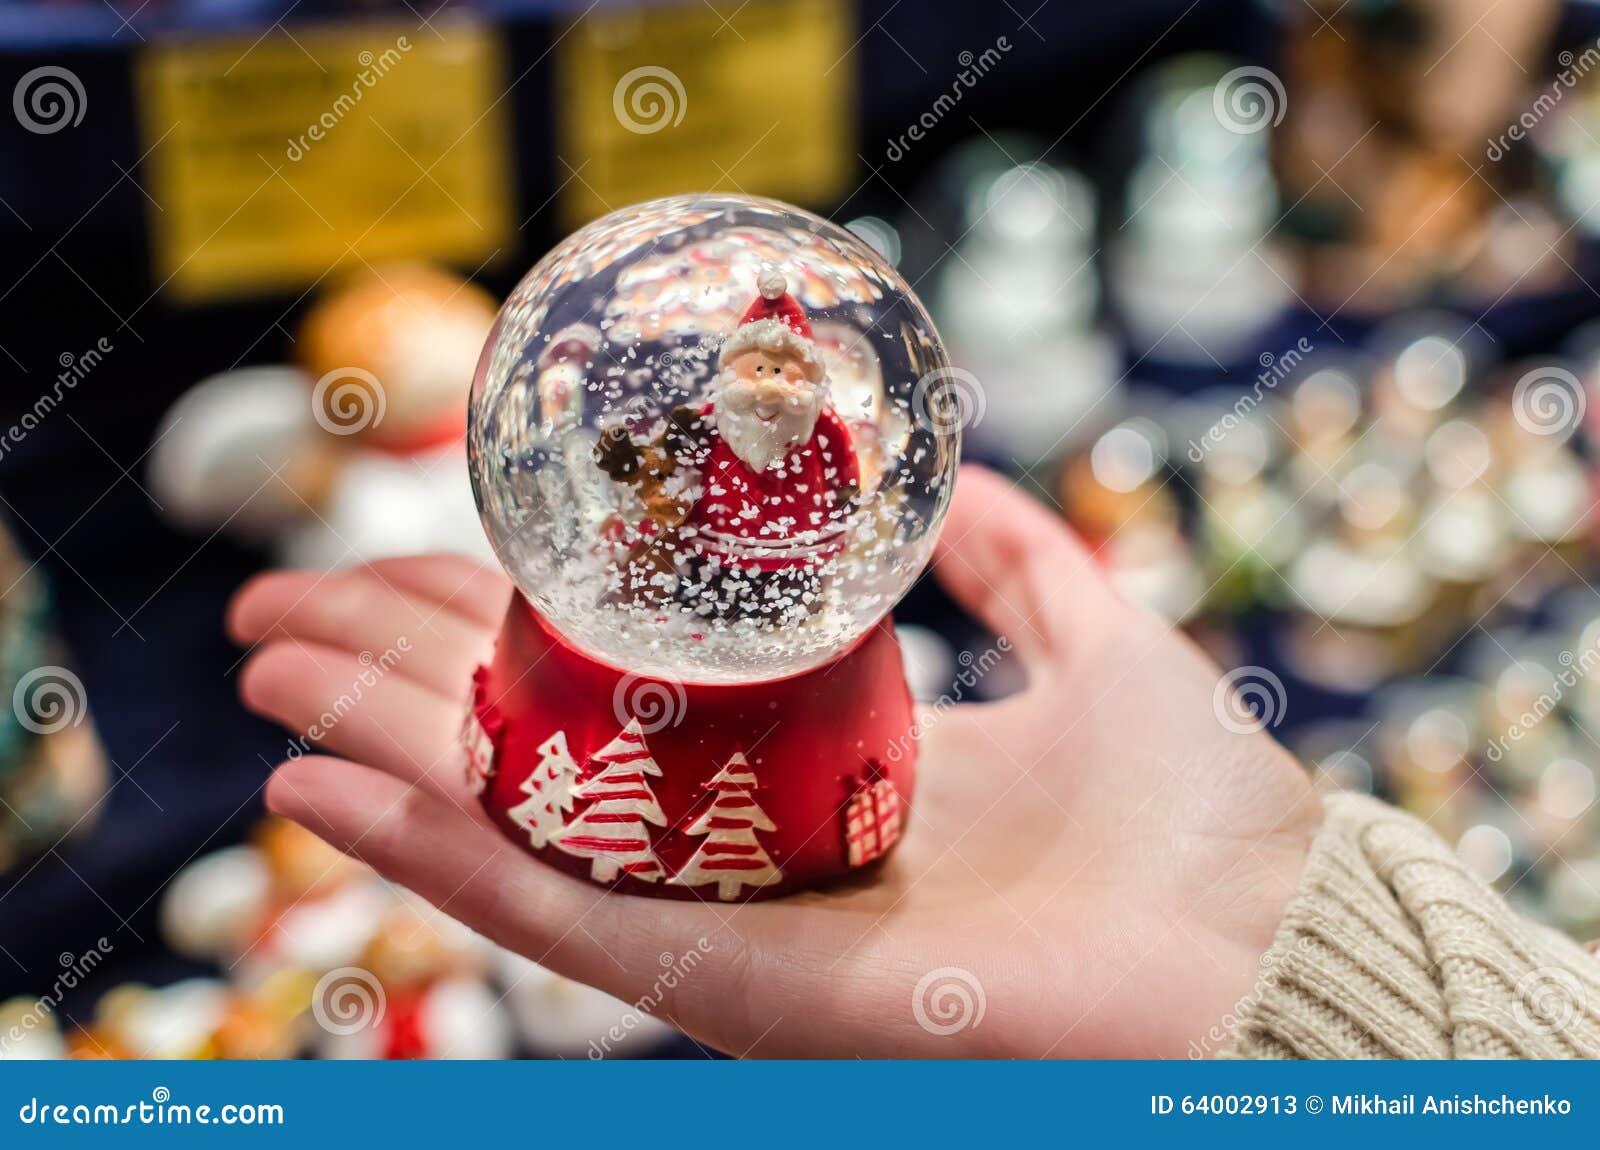 Snowdome dos hristmas do ¡ de Ð com Santa Claus dentro dele na palma